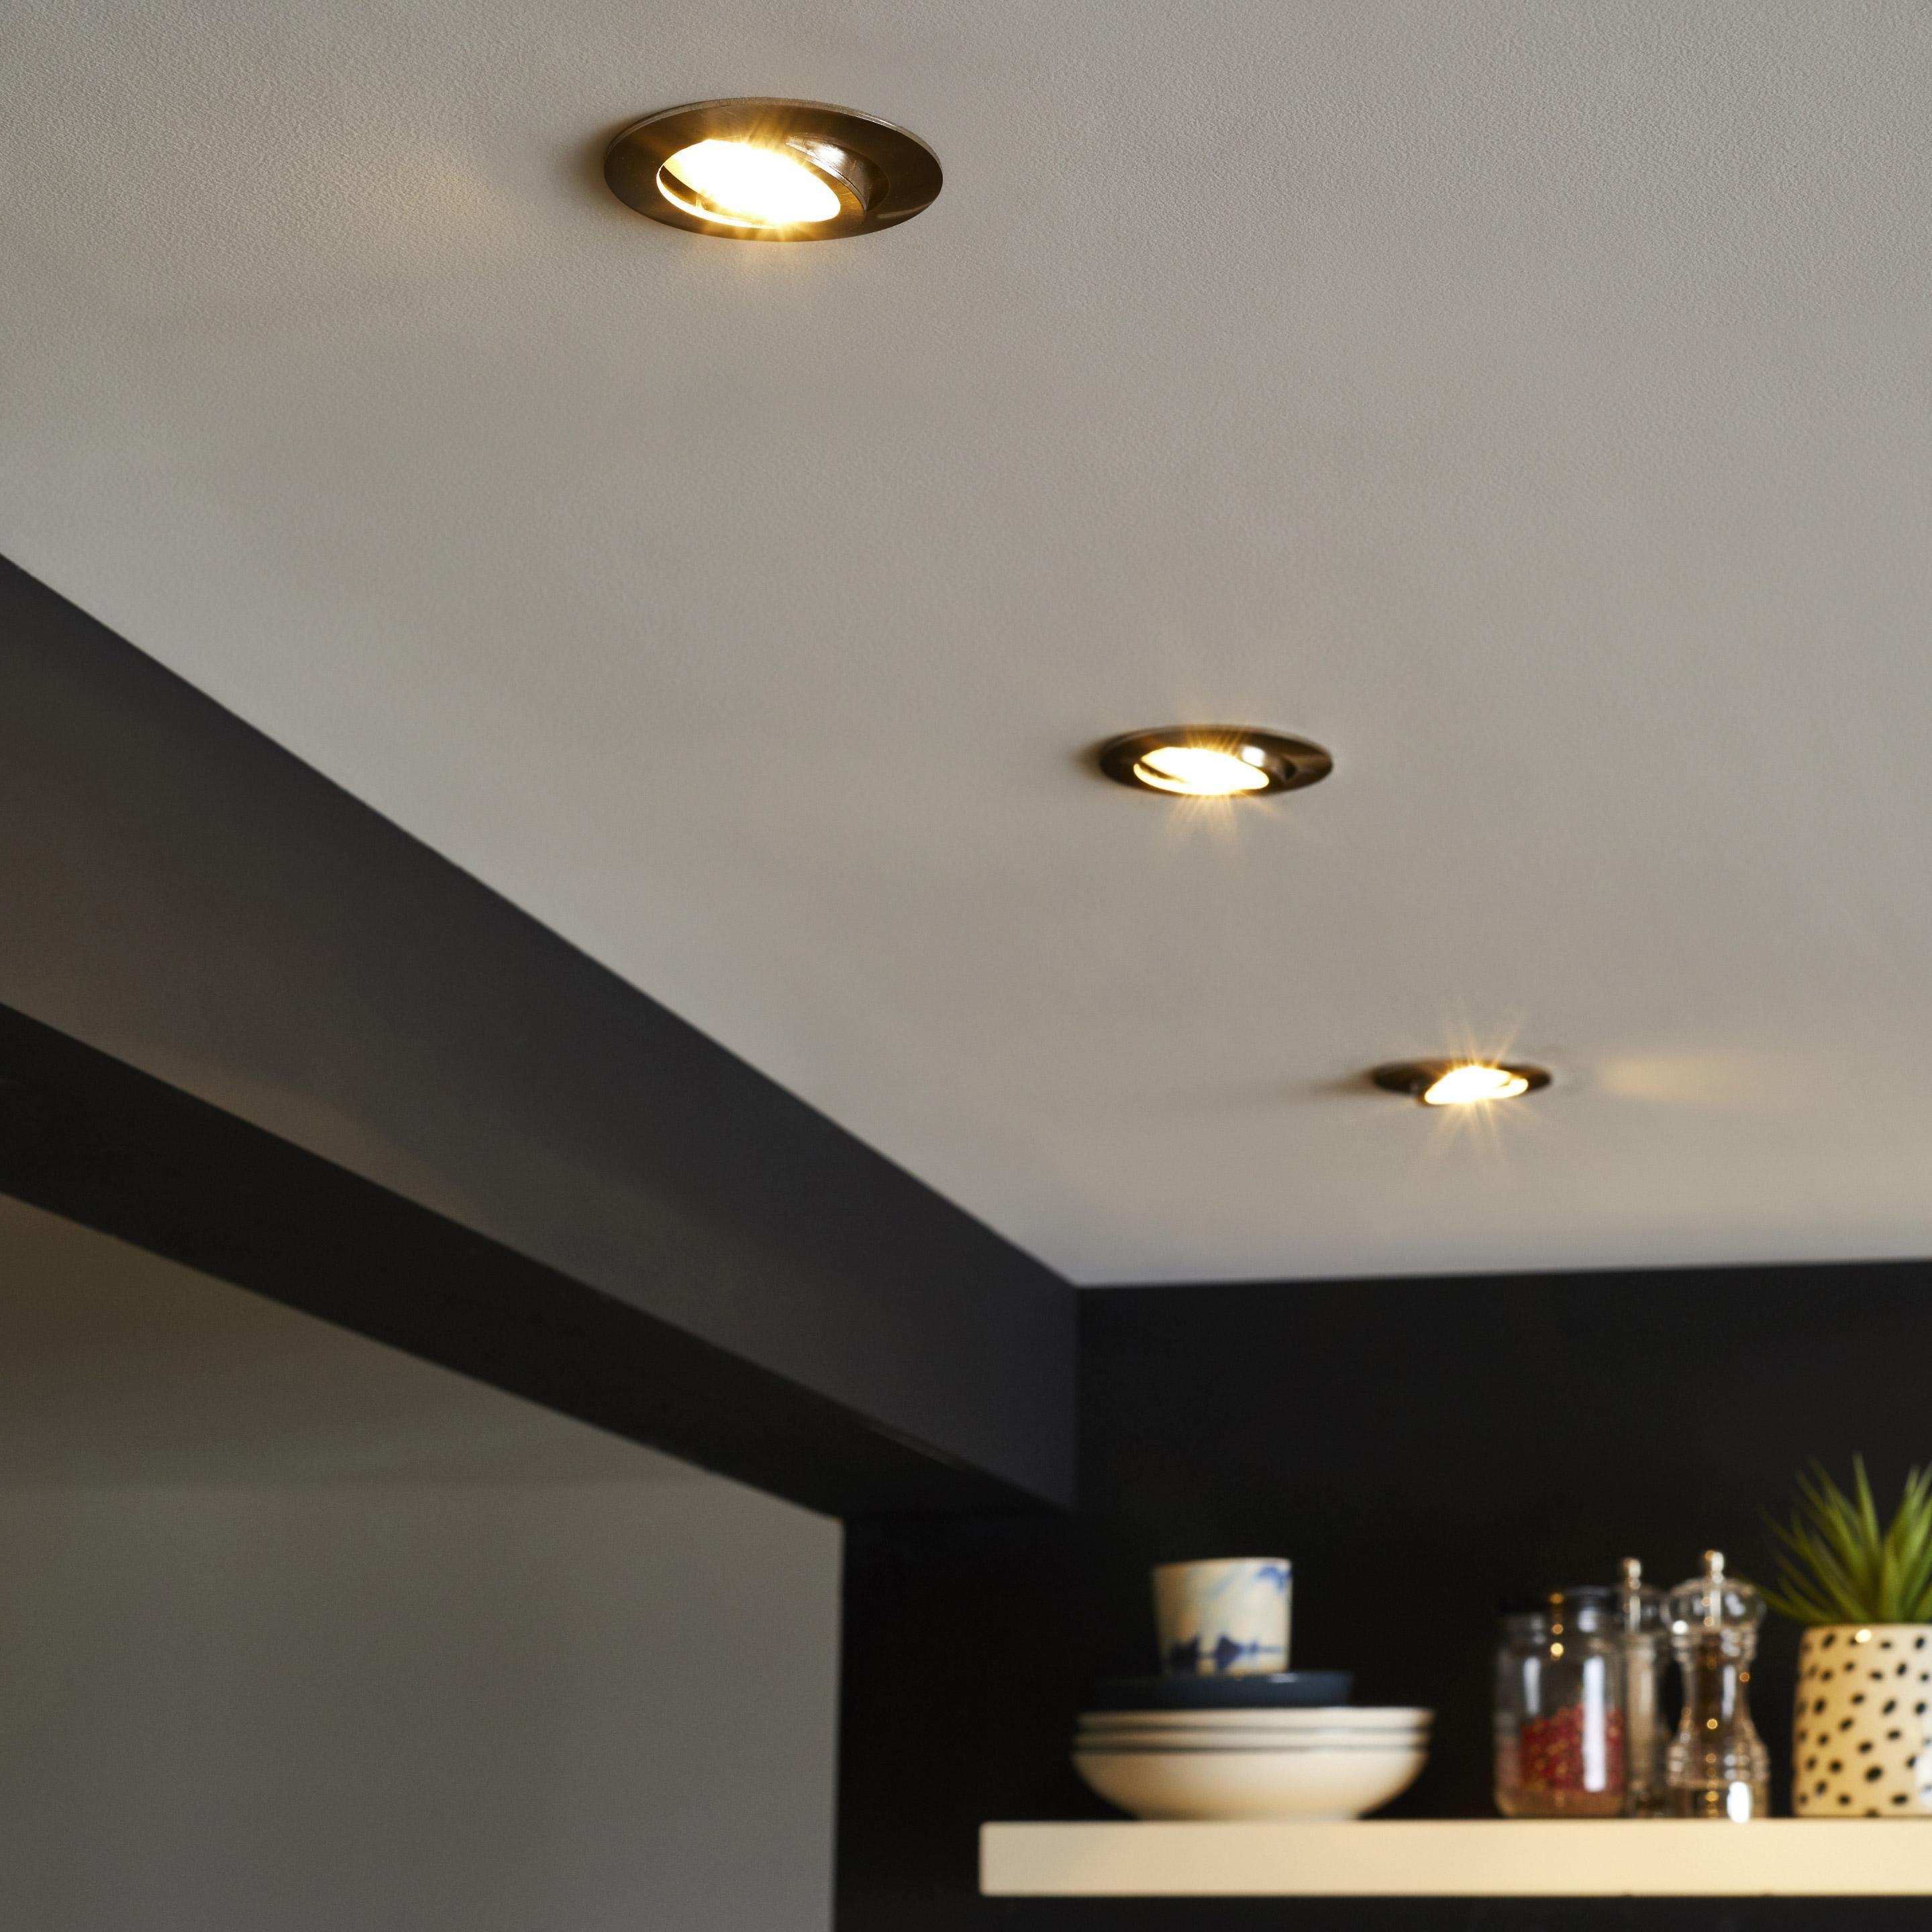 Kit 1 Spot A Encastrer Orientable Bama Gu10 Lumiere Chaude Et Variable Acier Inspire Spots Eclairage Plafond Spot Encastre Plafond